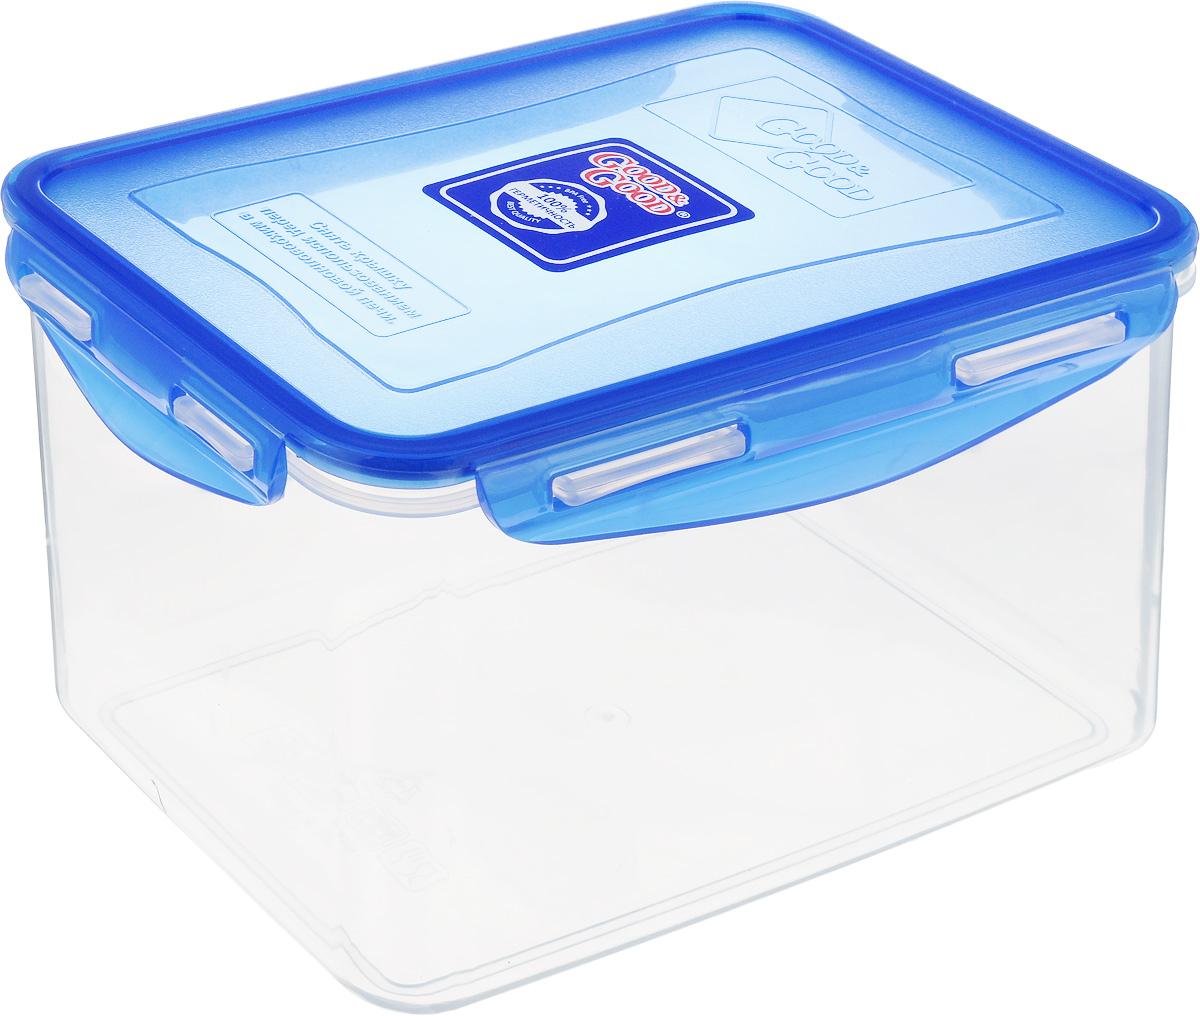 Контейнер пищевой Good&Good, цвет: прозрачный, синий, 2,2 л3-3/LIDCOL_прозрачный, синийПрямоугольный контейнер Good&Good изготовлен из высококачественного полипропилена и предназначен для хранения любых пищевых продуктов. Благодаря особым технологиям изготовления, лотки в течение времени службы не меняют цвет и не пропитываются запахами. Крышка с силиконовой вставкой герметично защелкивается специальным механизмом. Контейнер Good&Good удобен для ежедневного использования в быту.Можно мыть в посудомоечной машине и использовать в микроволновой печи.Размер контейнера (с учетом крышки): 20 х 13,5 х 13 см.